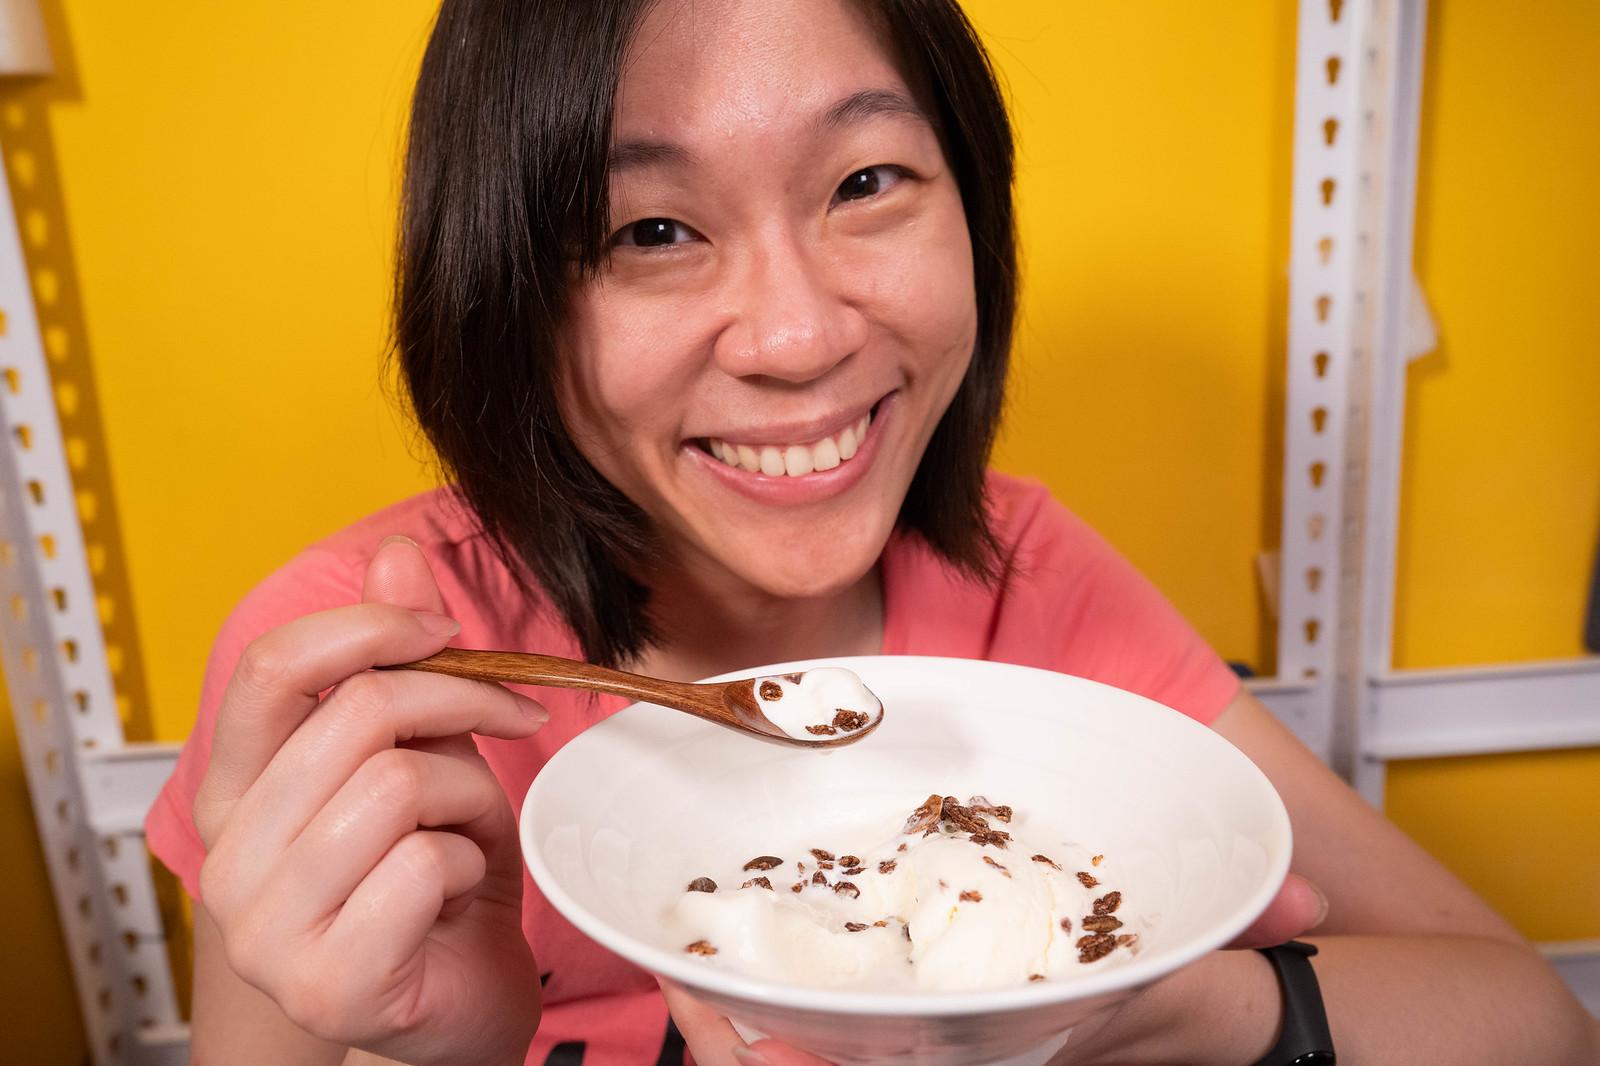 開心吃 萬歲牌堅穀力 加上冰淇淋